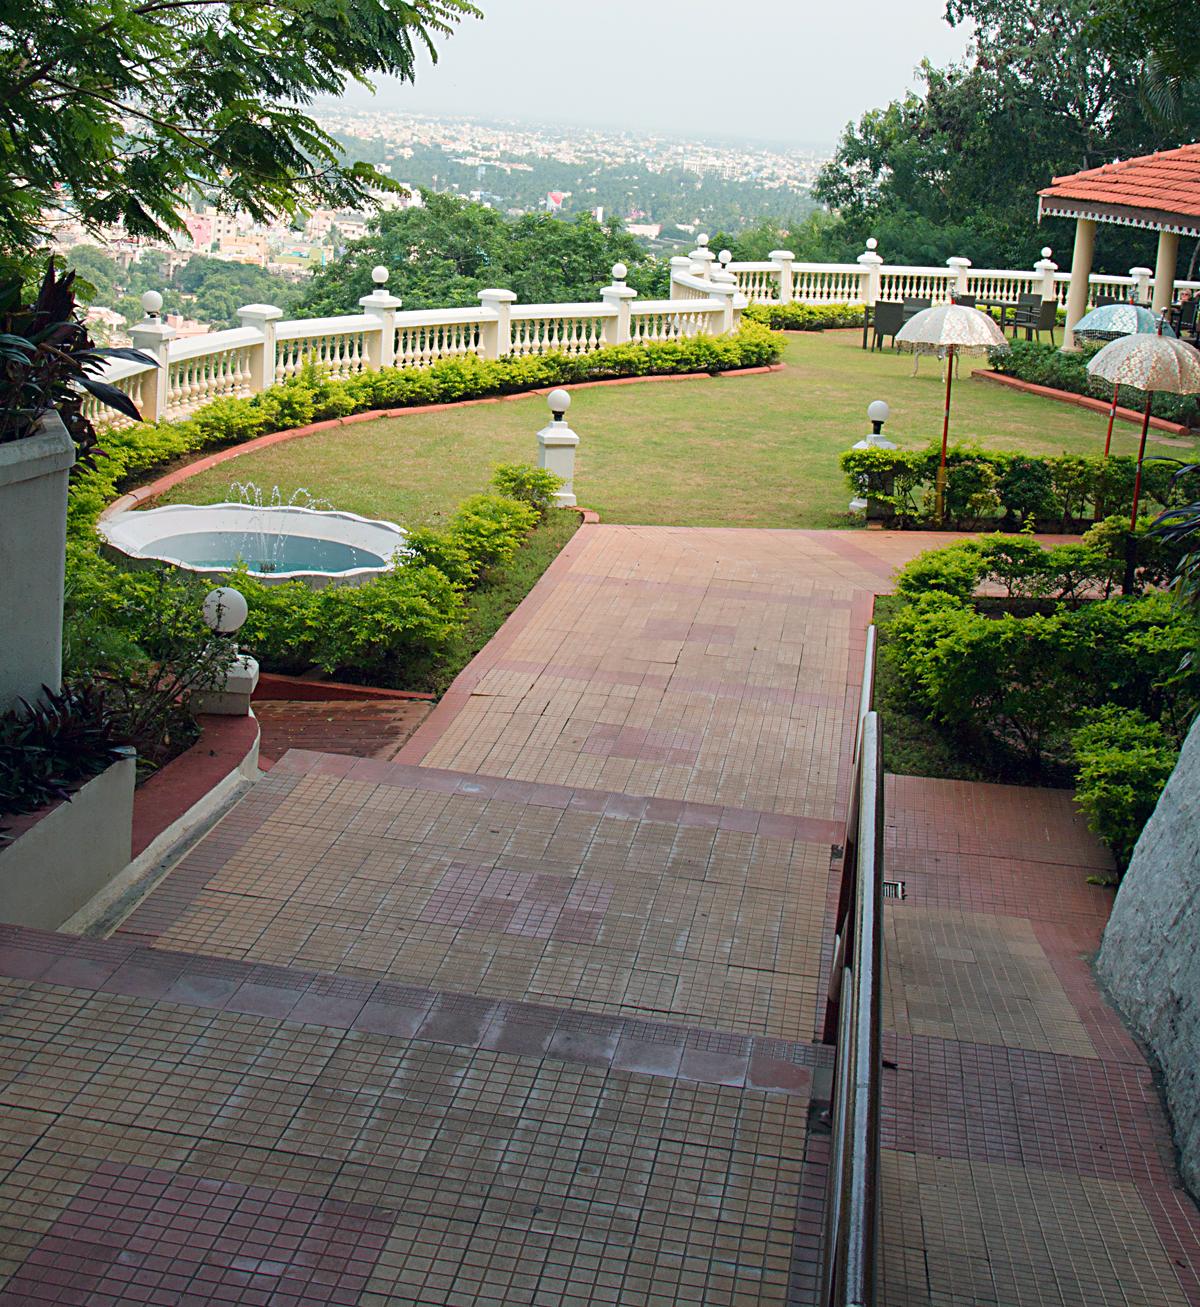 INDIEN ITC Hotel Vilasa FINEST-onTour 7721.jpg